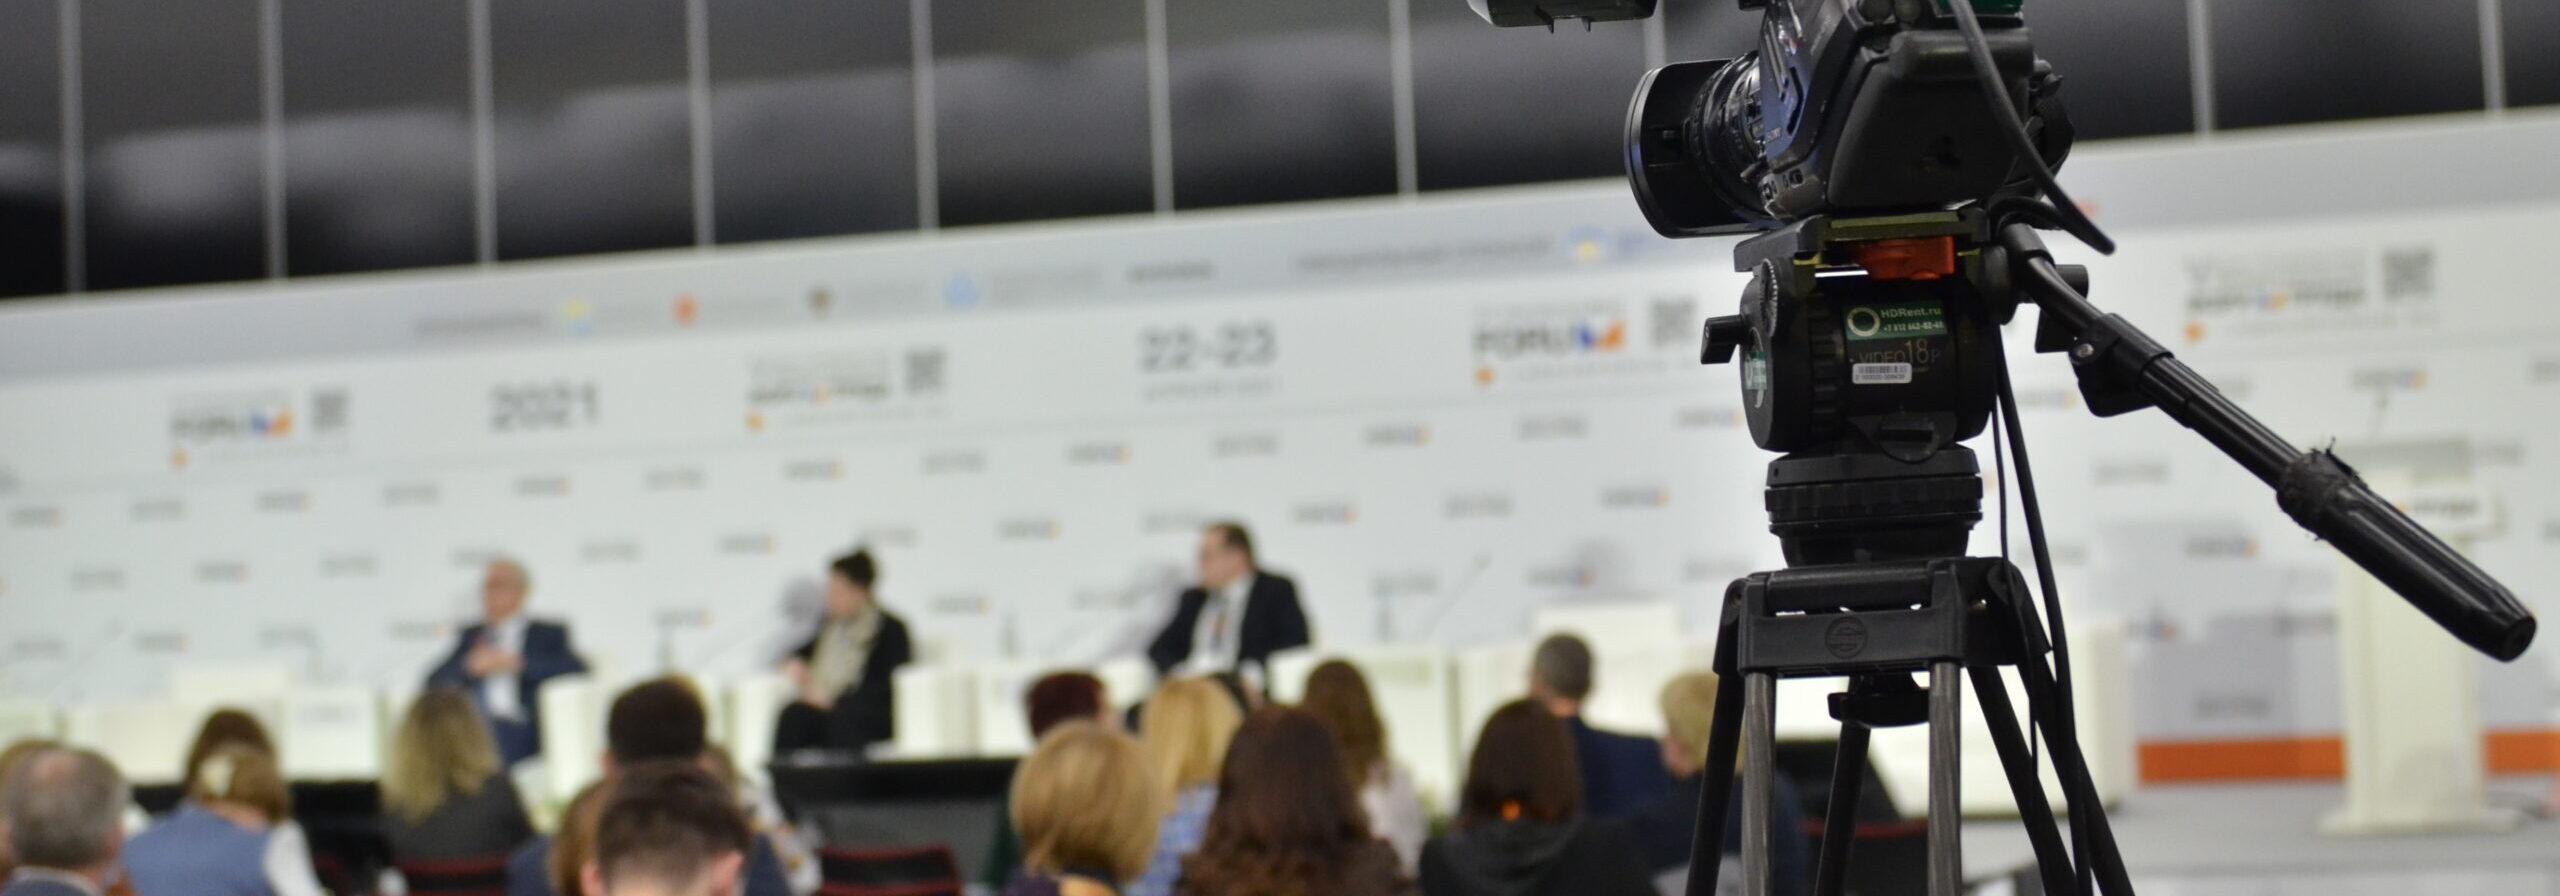 Форум труда: одно событие – много вопросов